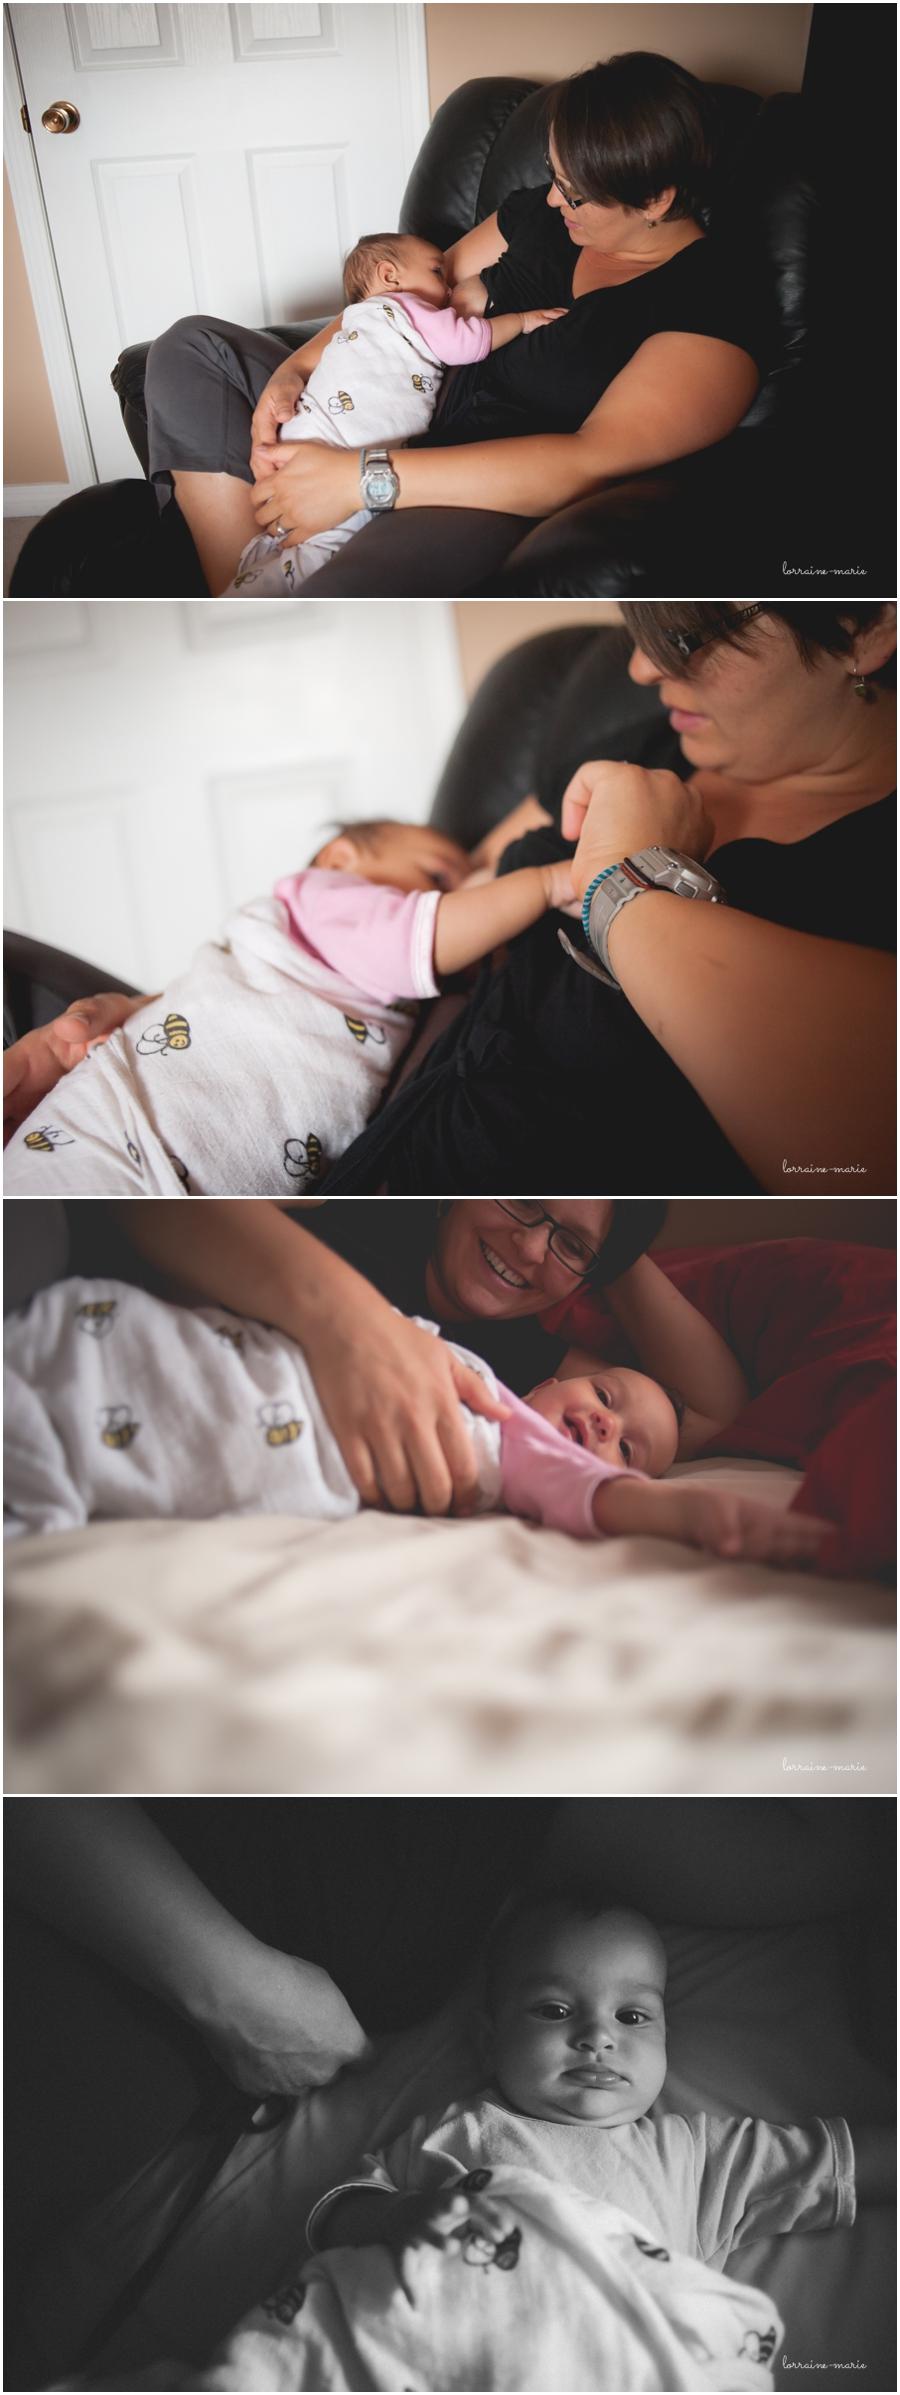 edmontonfamilyphotographer-17.jpg